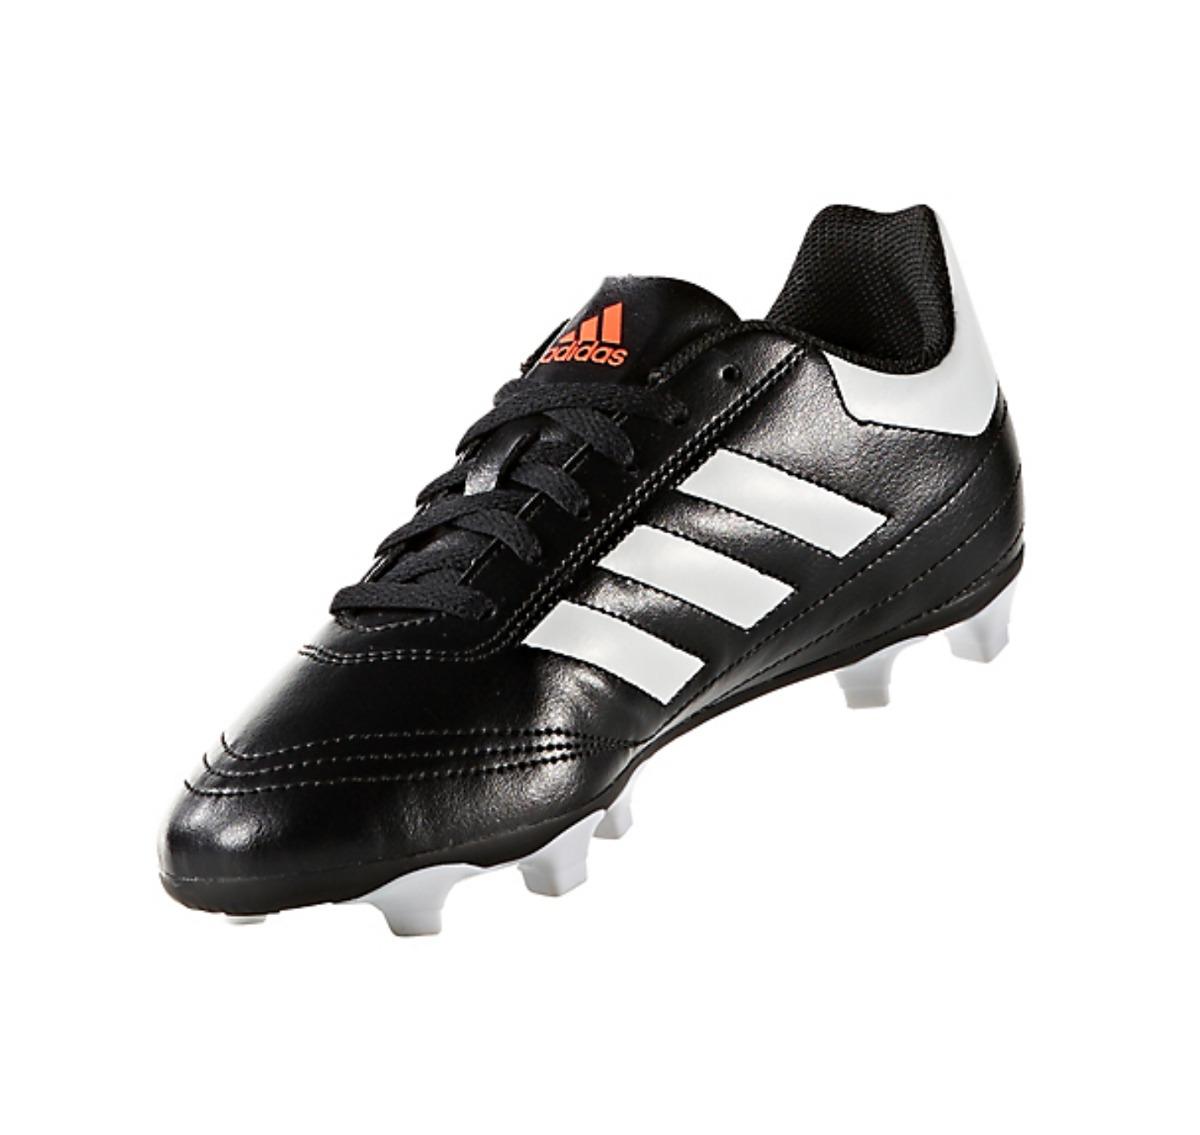 1931754c98338 zapato futbol adidas goletto negro vi fg talla 38. Cargando zoom... zapato  futbol adidas. Cargando zoom.